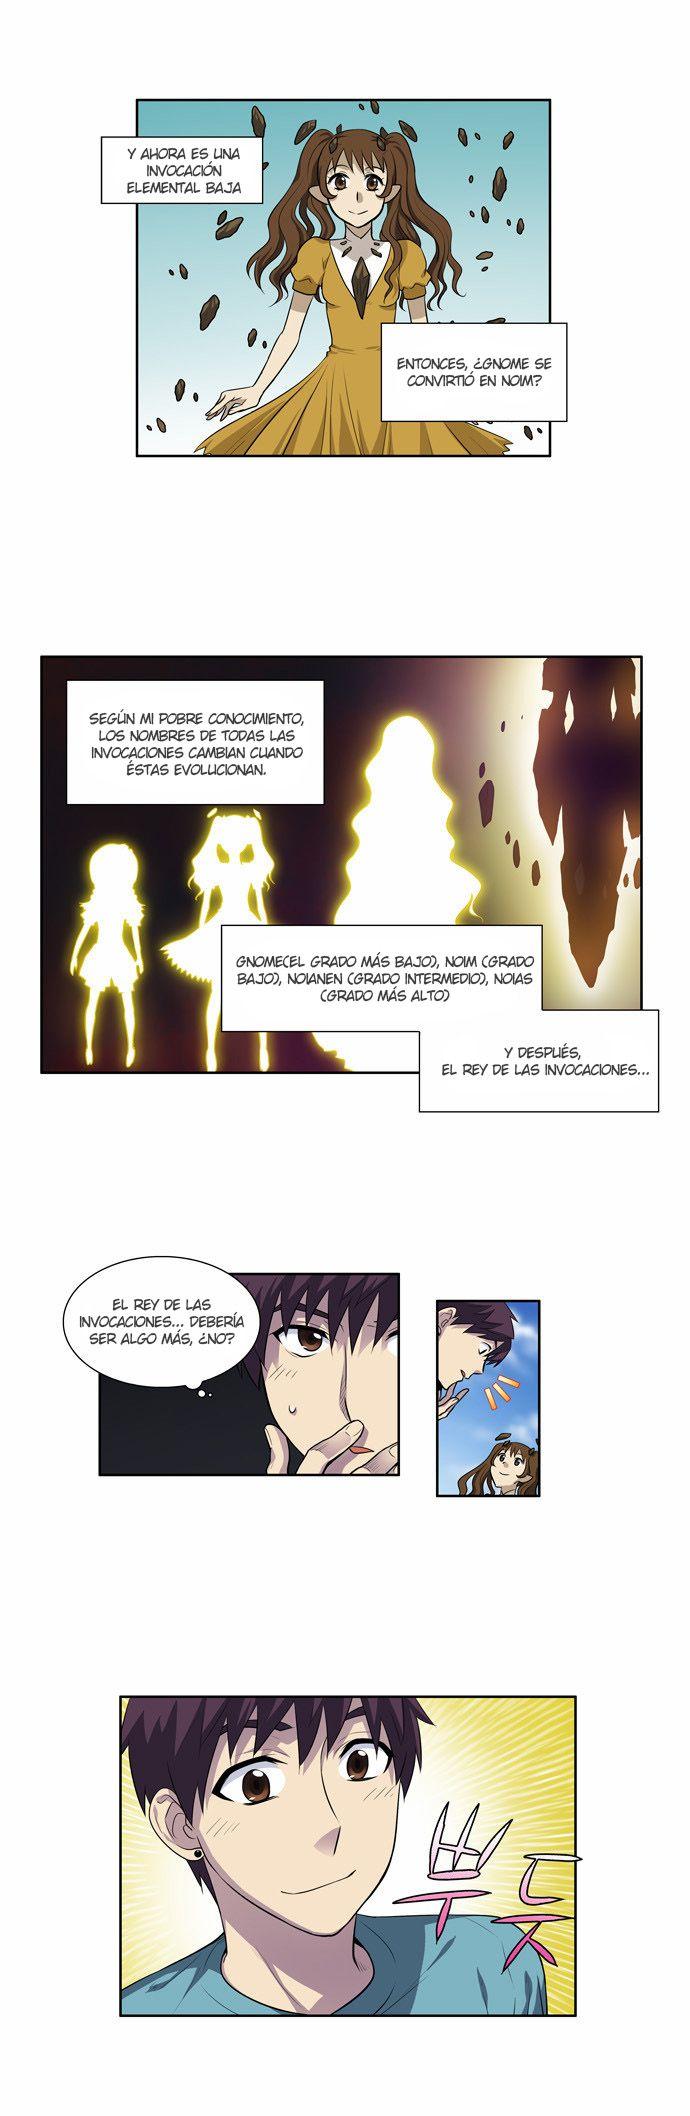 https://c5.ninemanga.com/es_manga/61/1725/464476/ee20e3bc4bd9eab997d7825b883b7359.jpg Page 6